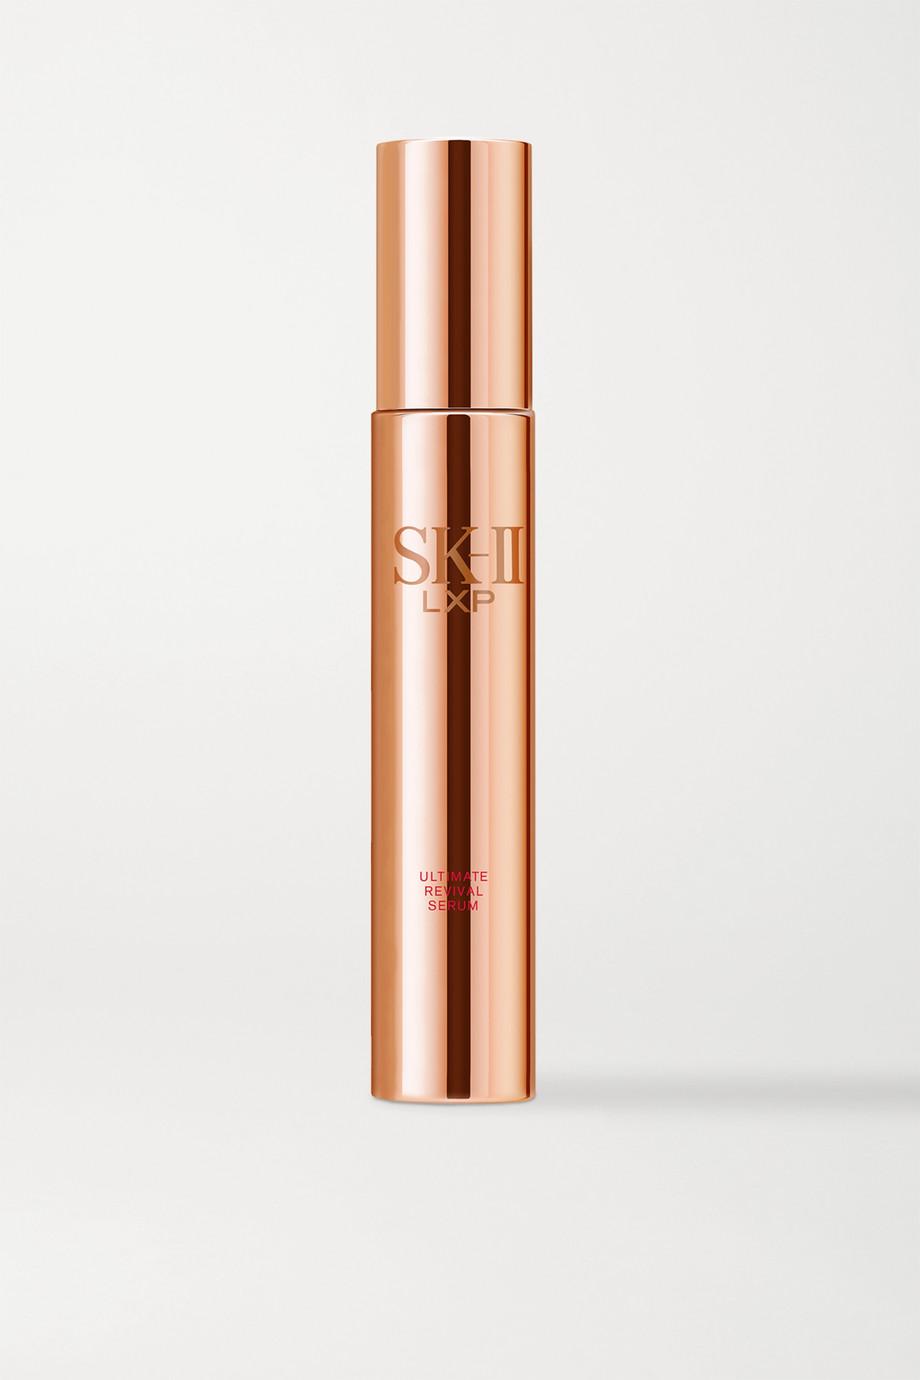 SK-II LXP Ultimate Revival Serum, 50ml